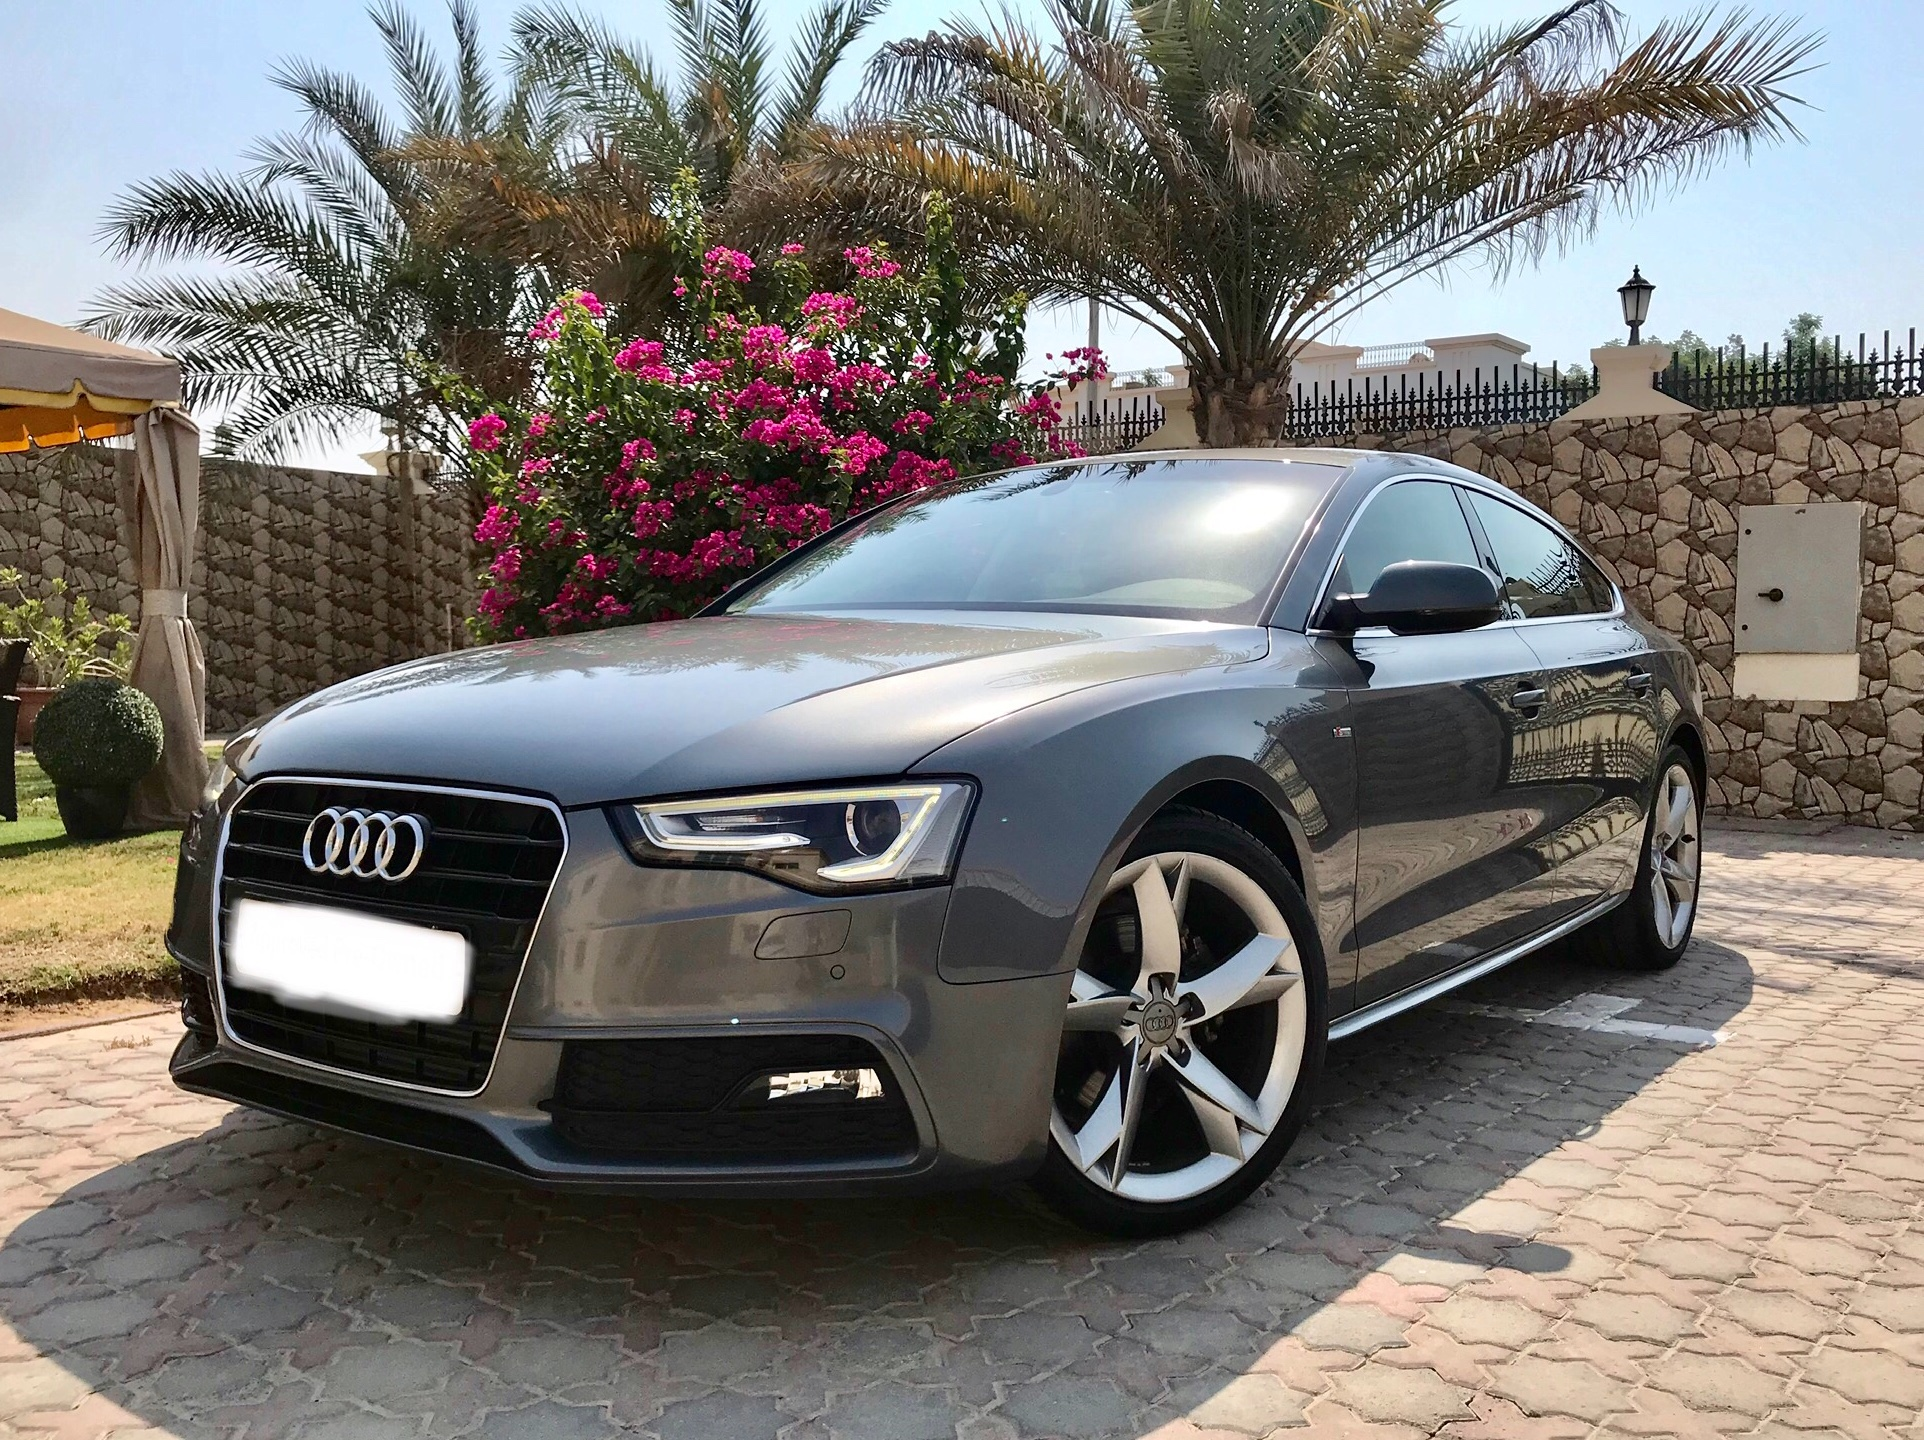 Kelebihan Kekurangan Audi A5 Sportback 2015 Tangguh